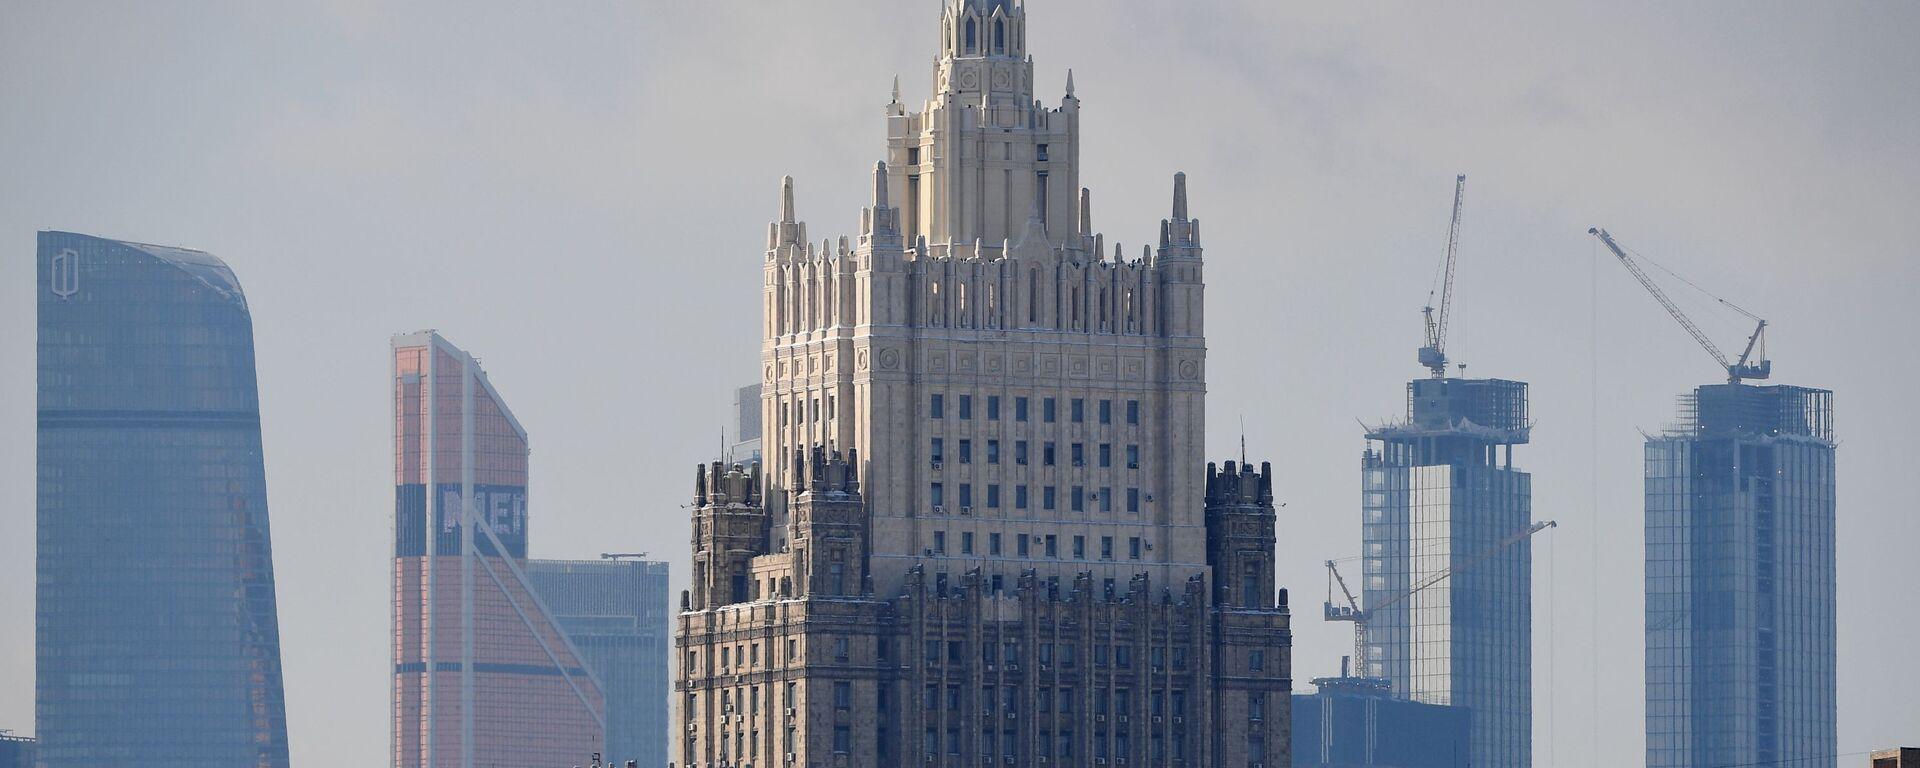 Zgrada Ministarstva spoljnih poslova Rusije - Sputnik Srbija, 1920, 21.04.2021